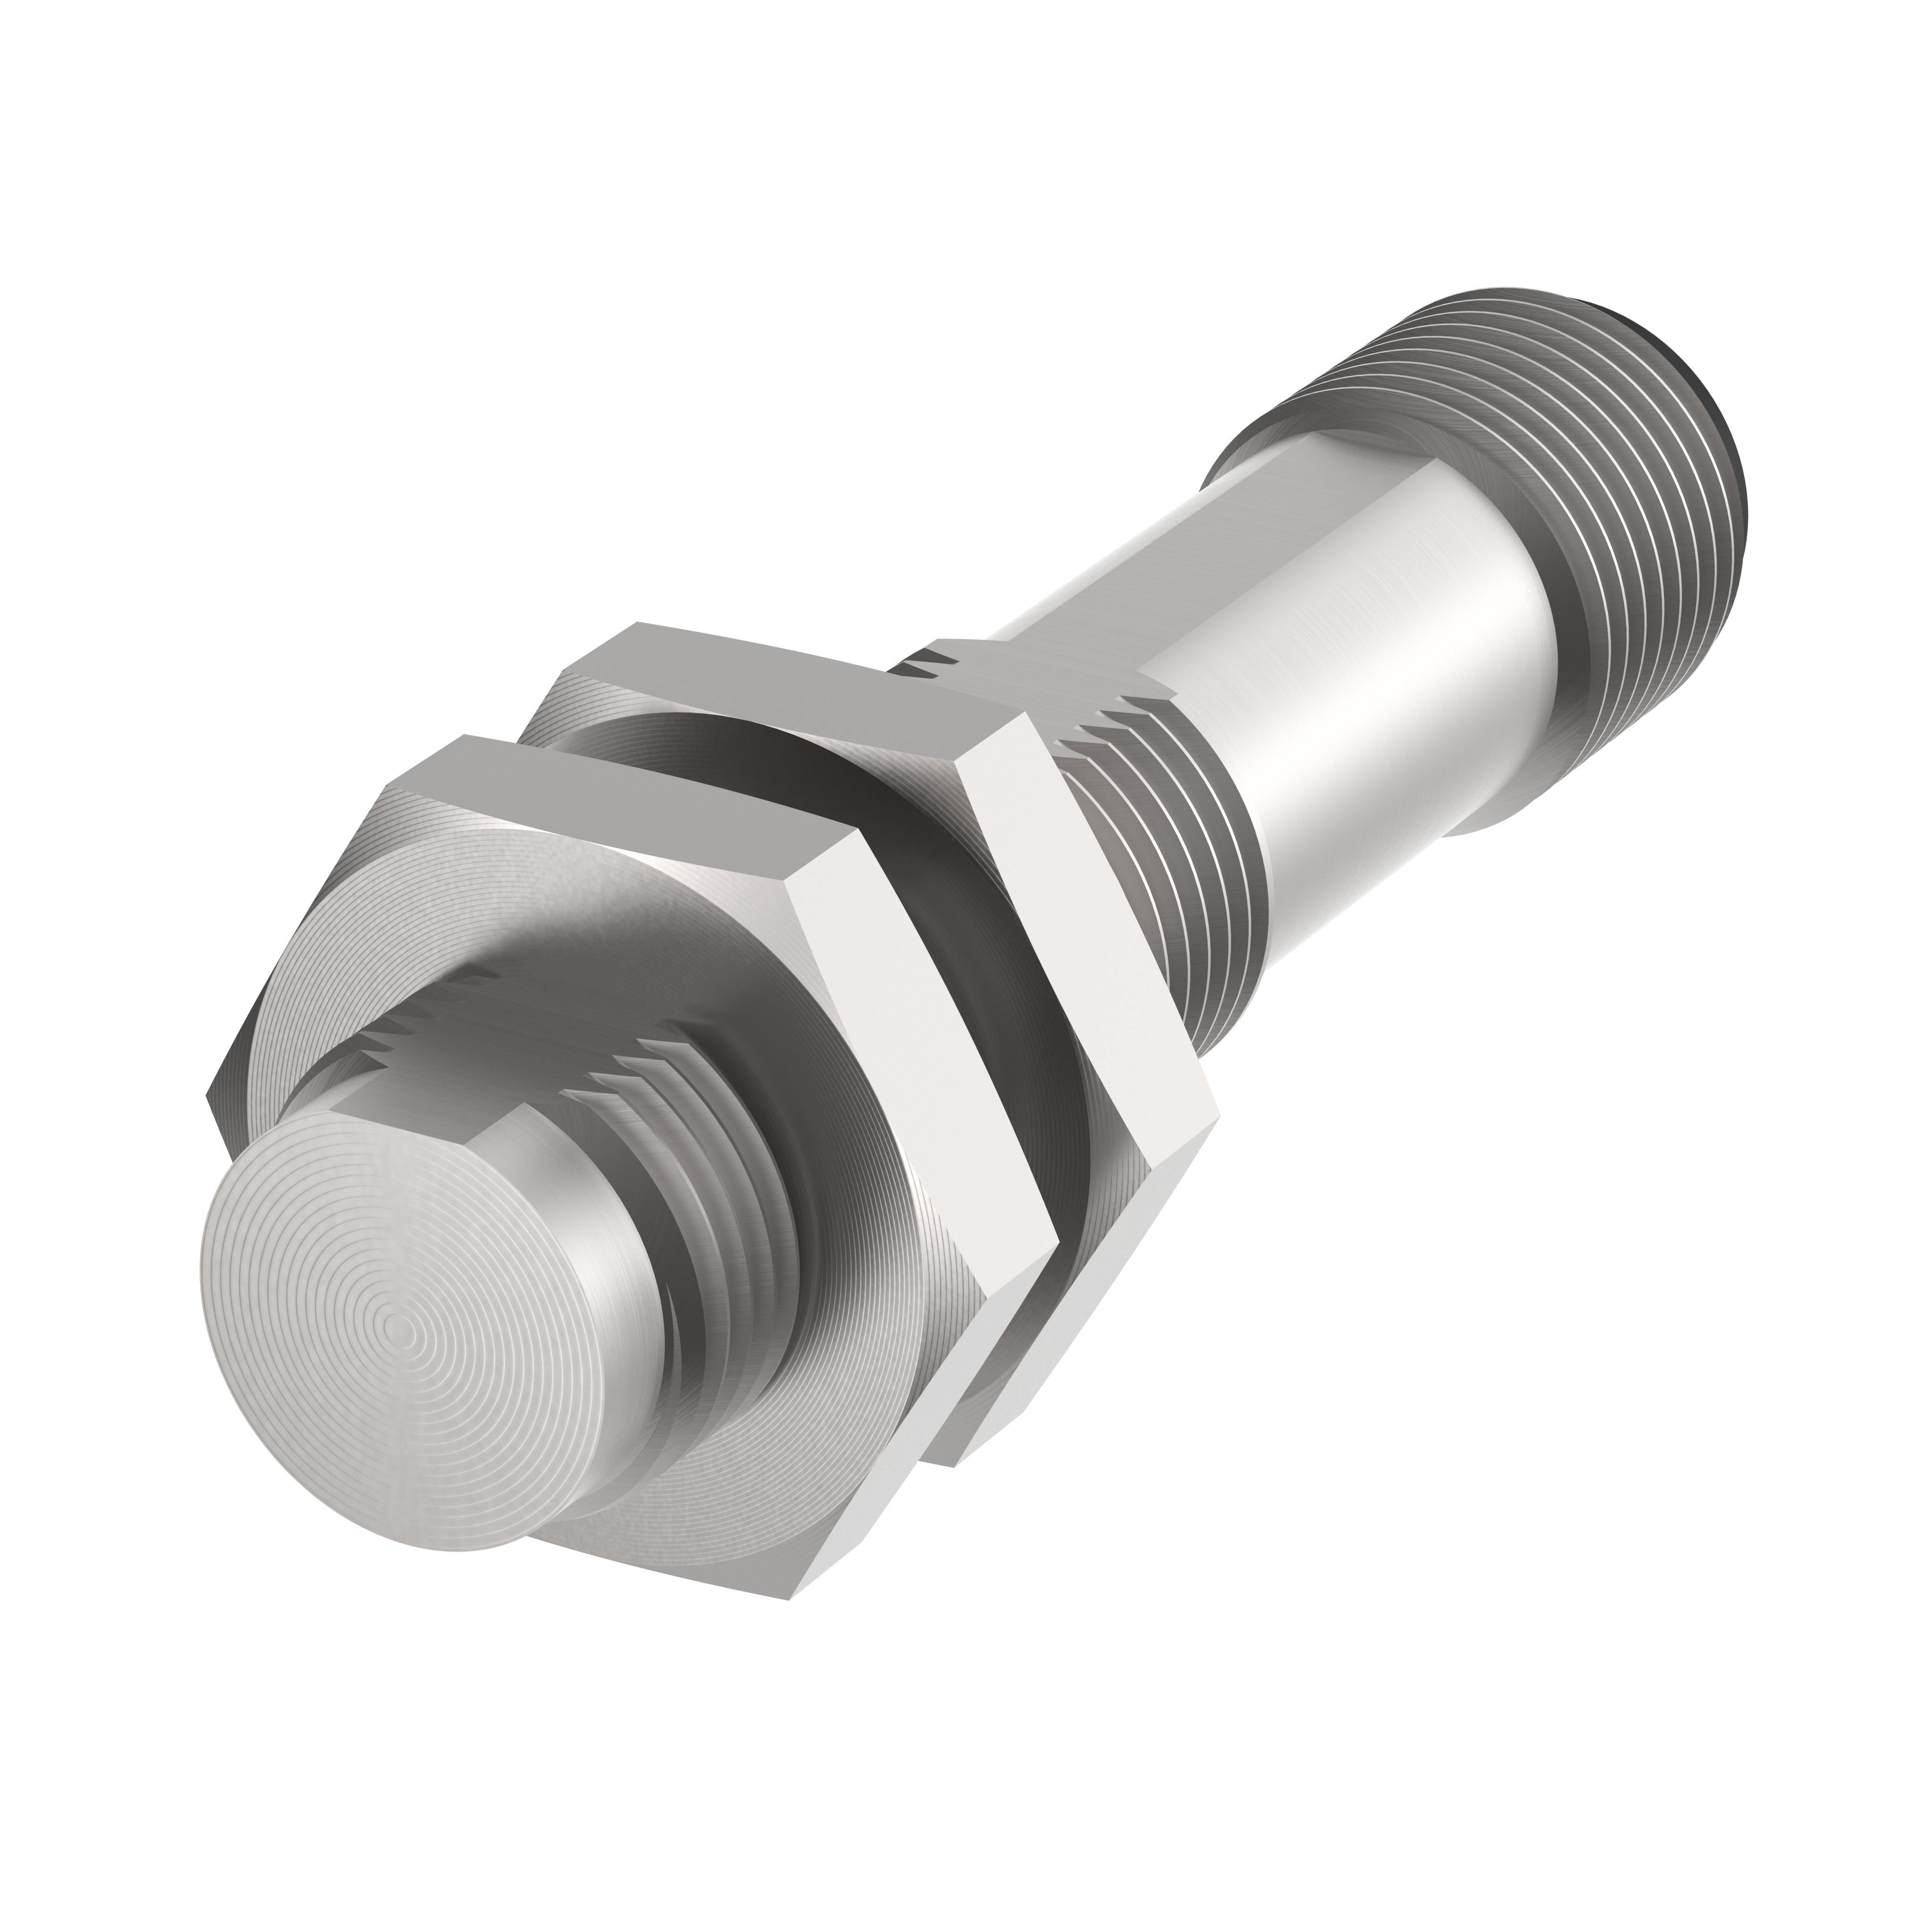 Sicherheitssensor- 122MSV10G1G - magnetisch betätigt - Schließer/Öffner, Einbaustecker M12